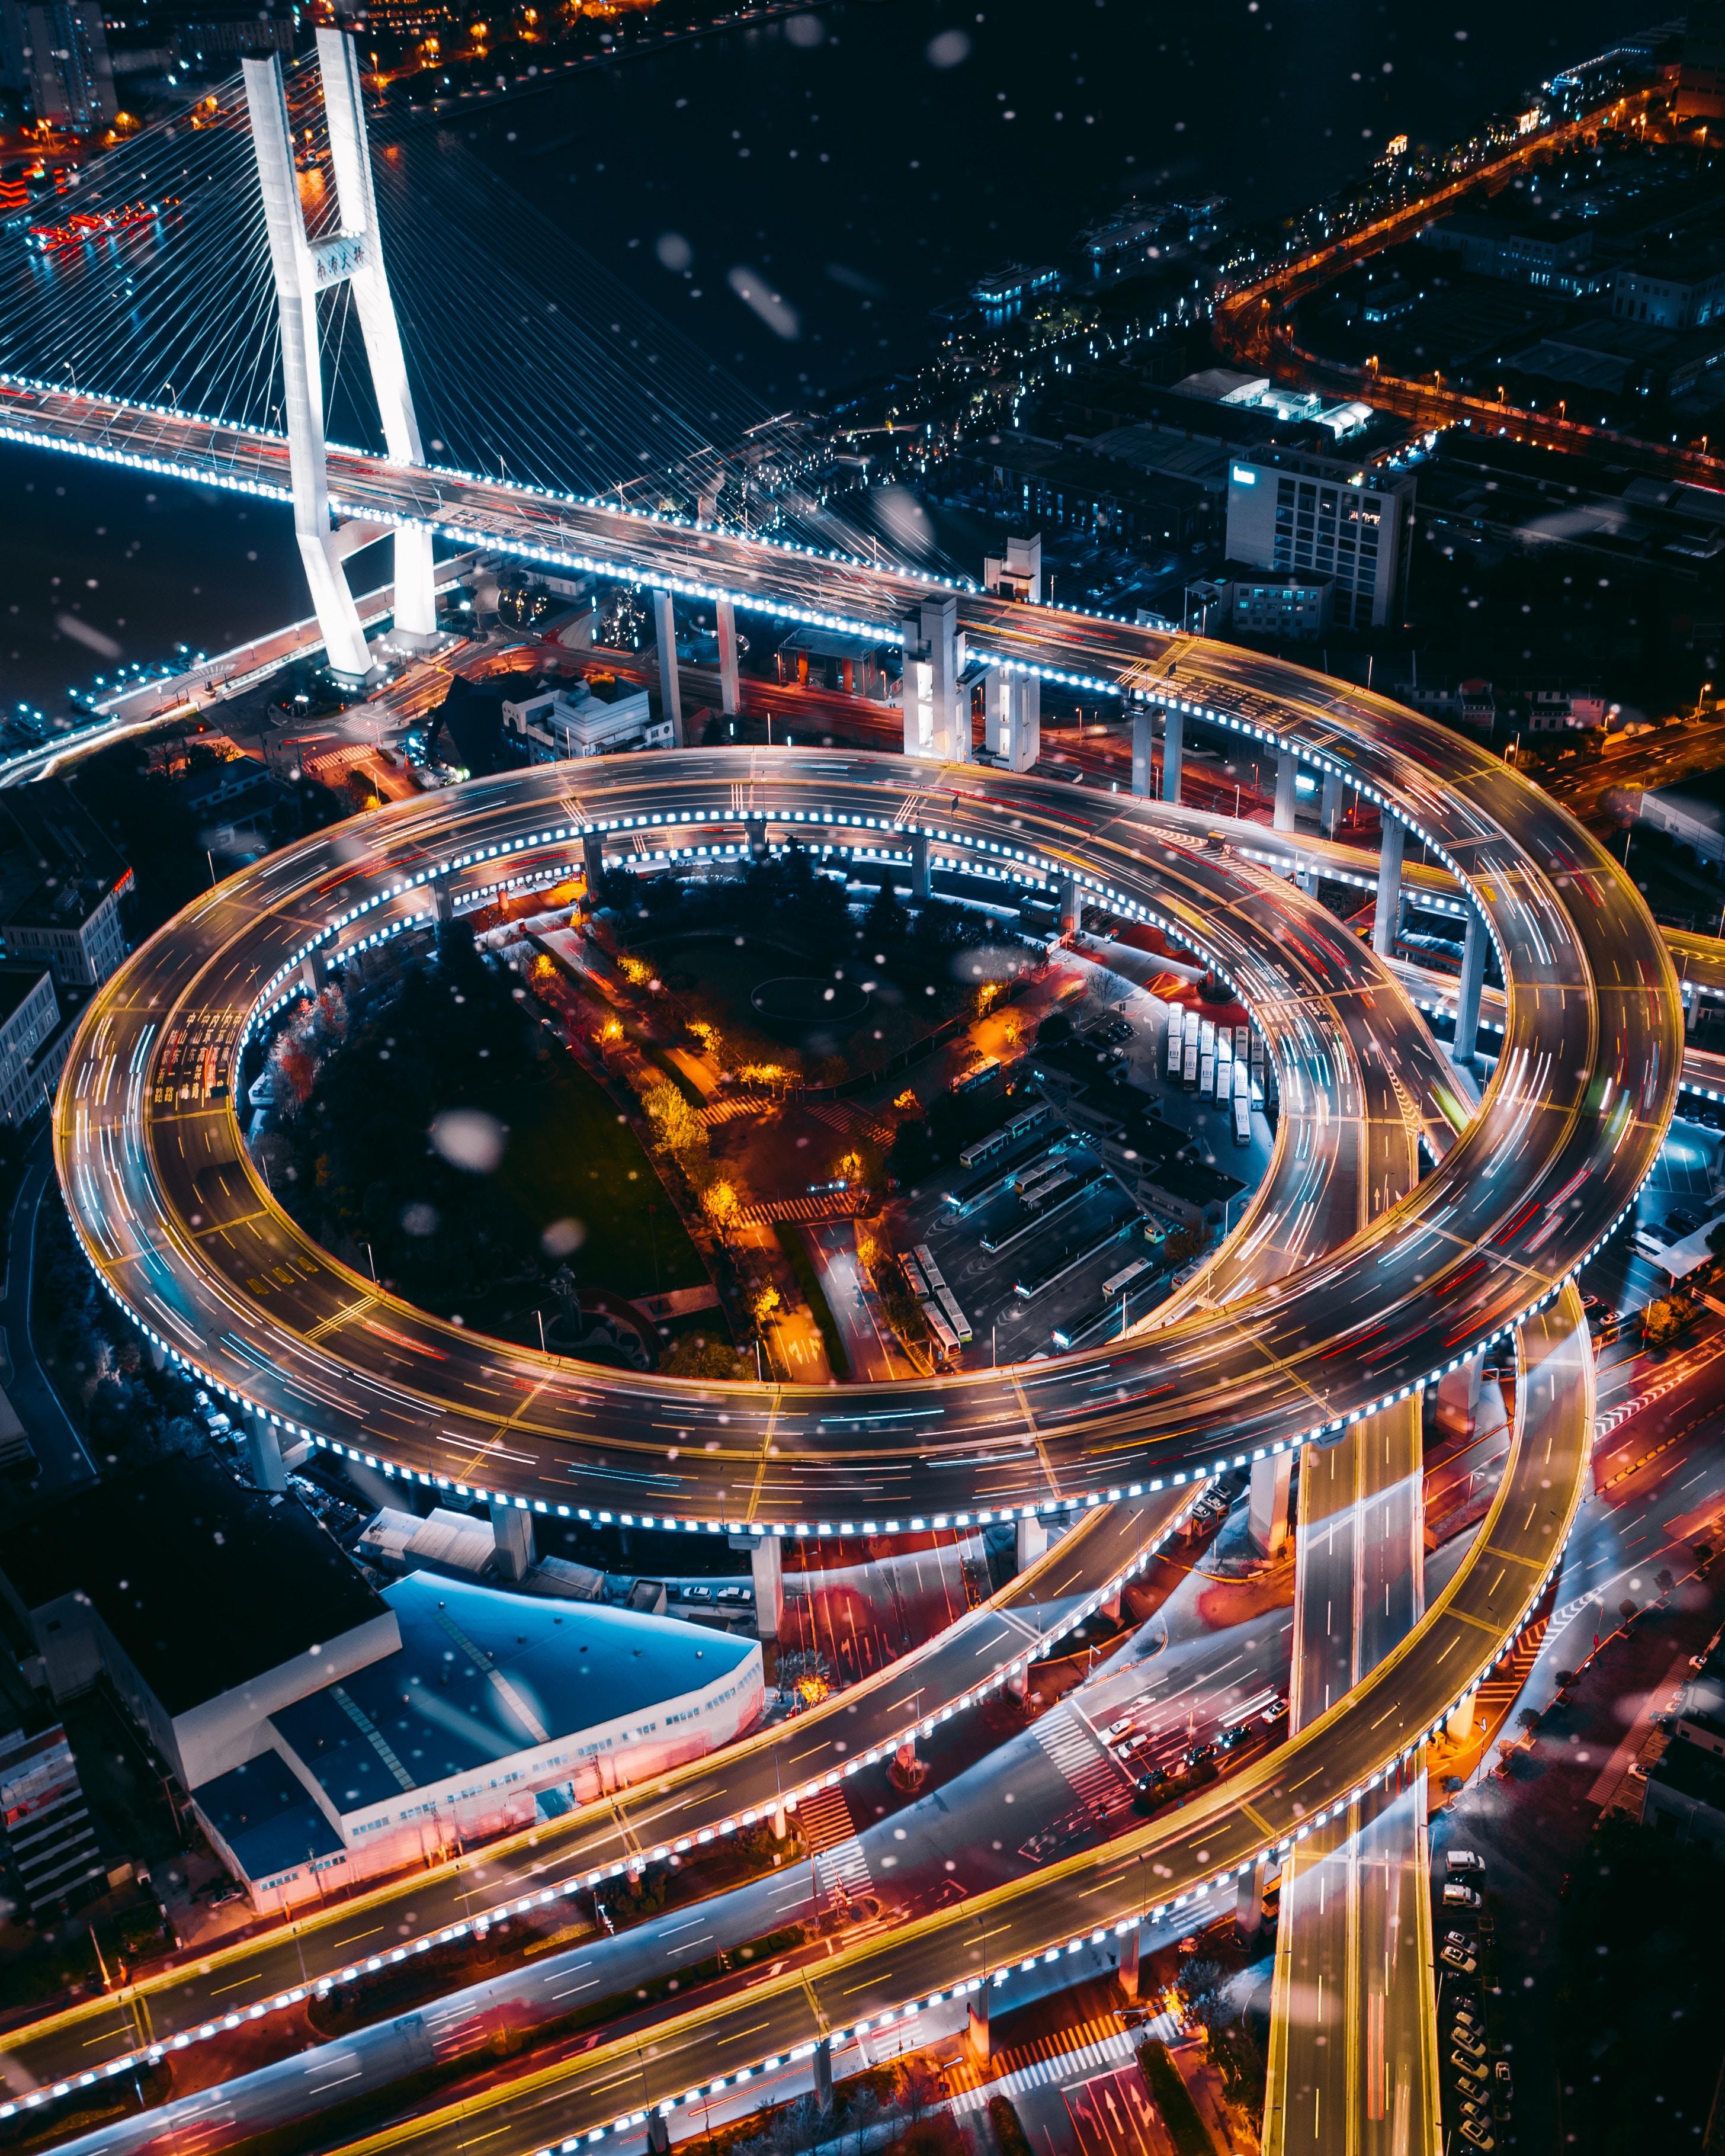 78481 Hintergrundbild herunterladen Städte, Roads, Blick Von Oben, Nächtliche Stadt, Night City, Lichter Der Stadt, City Lights, Verkehrsknotenpunkt, Austausch - Bildschirmschoner und Bilder kostenlos